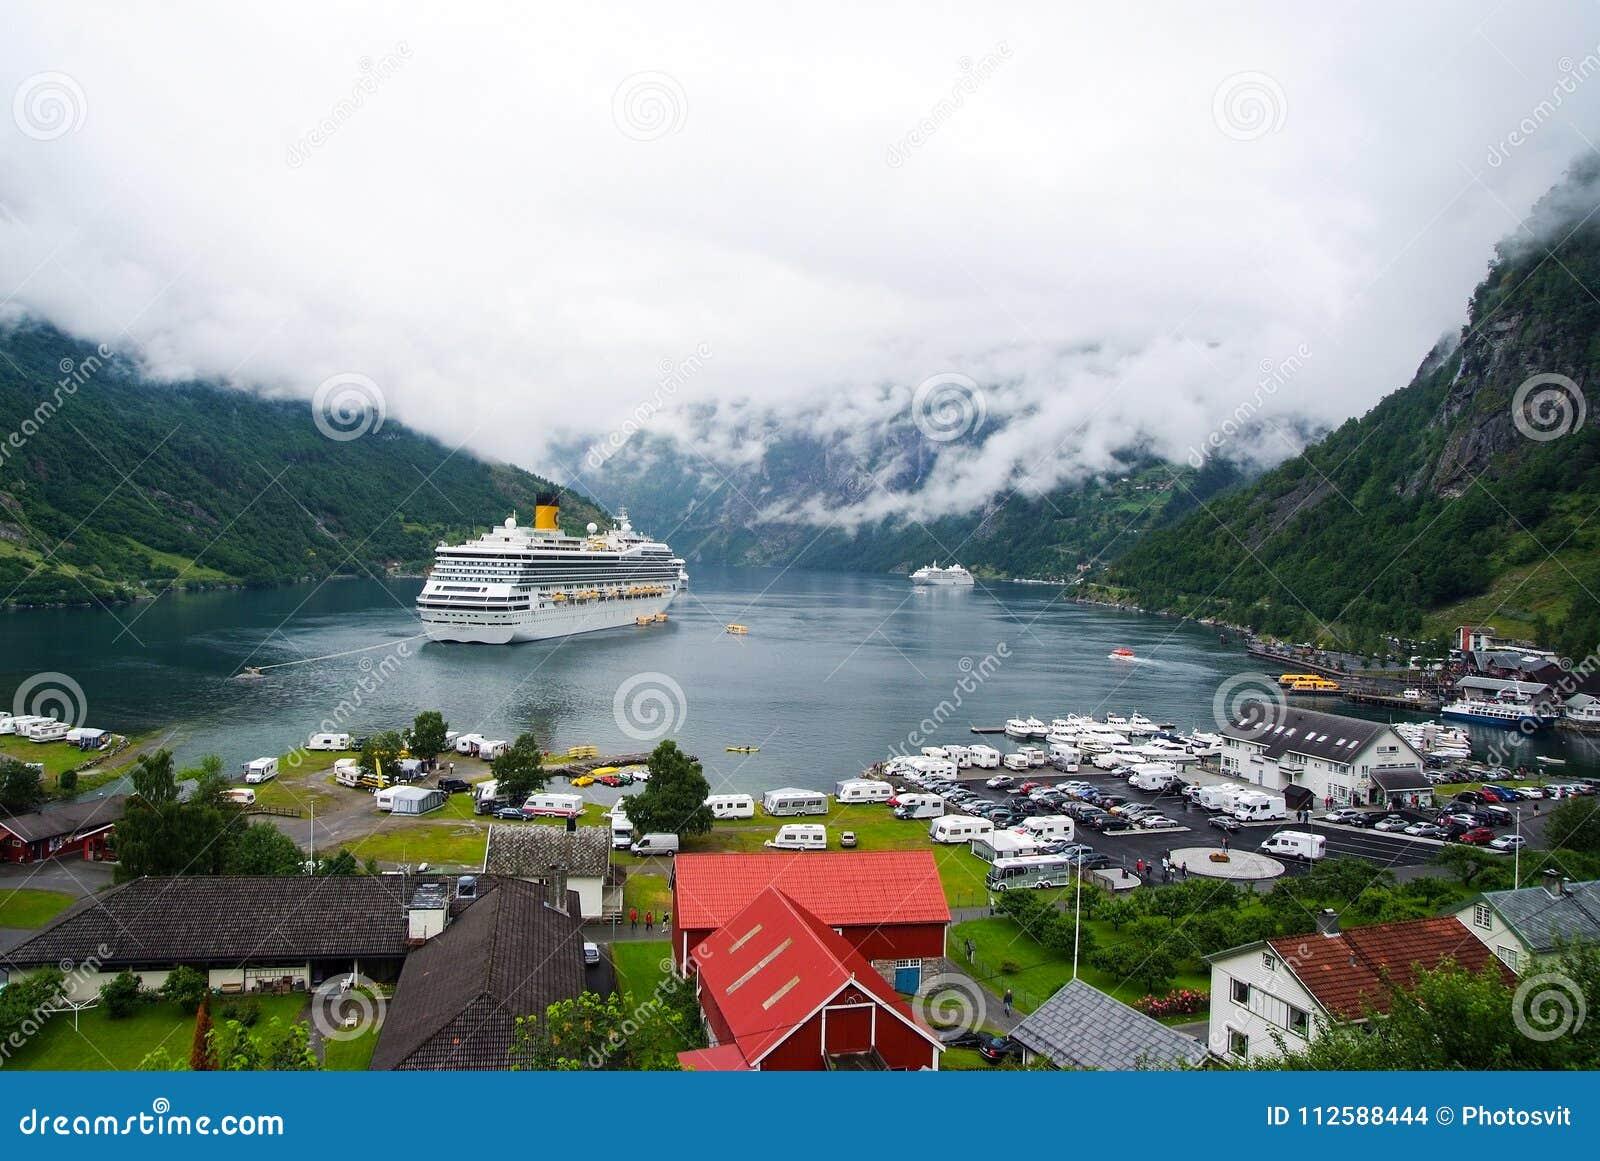 Geiranger, Noorwegen - Januari 25, 2010: schip in Noorse fjord op bewolkte hemel Lijnboot in dorpshaven Reisbestemming, aan